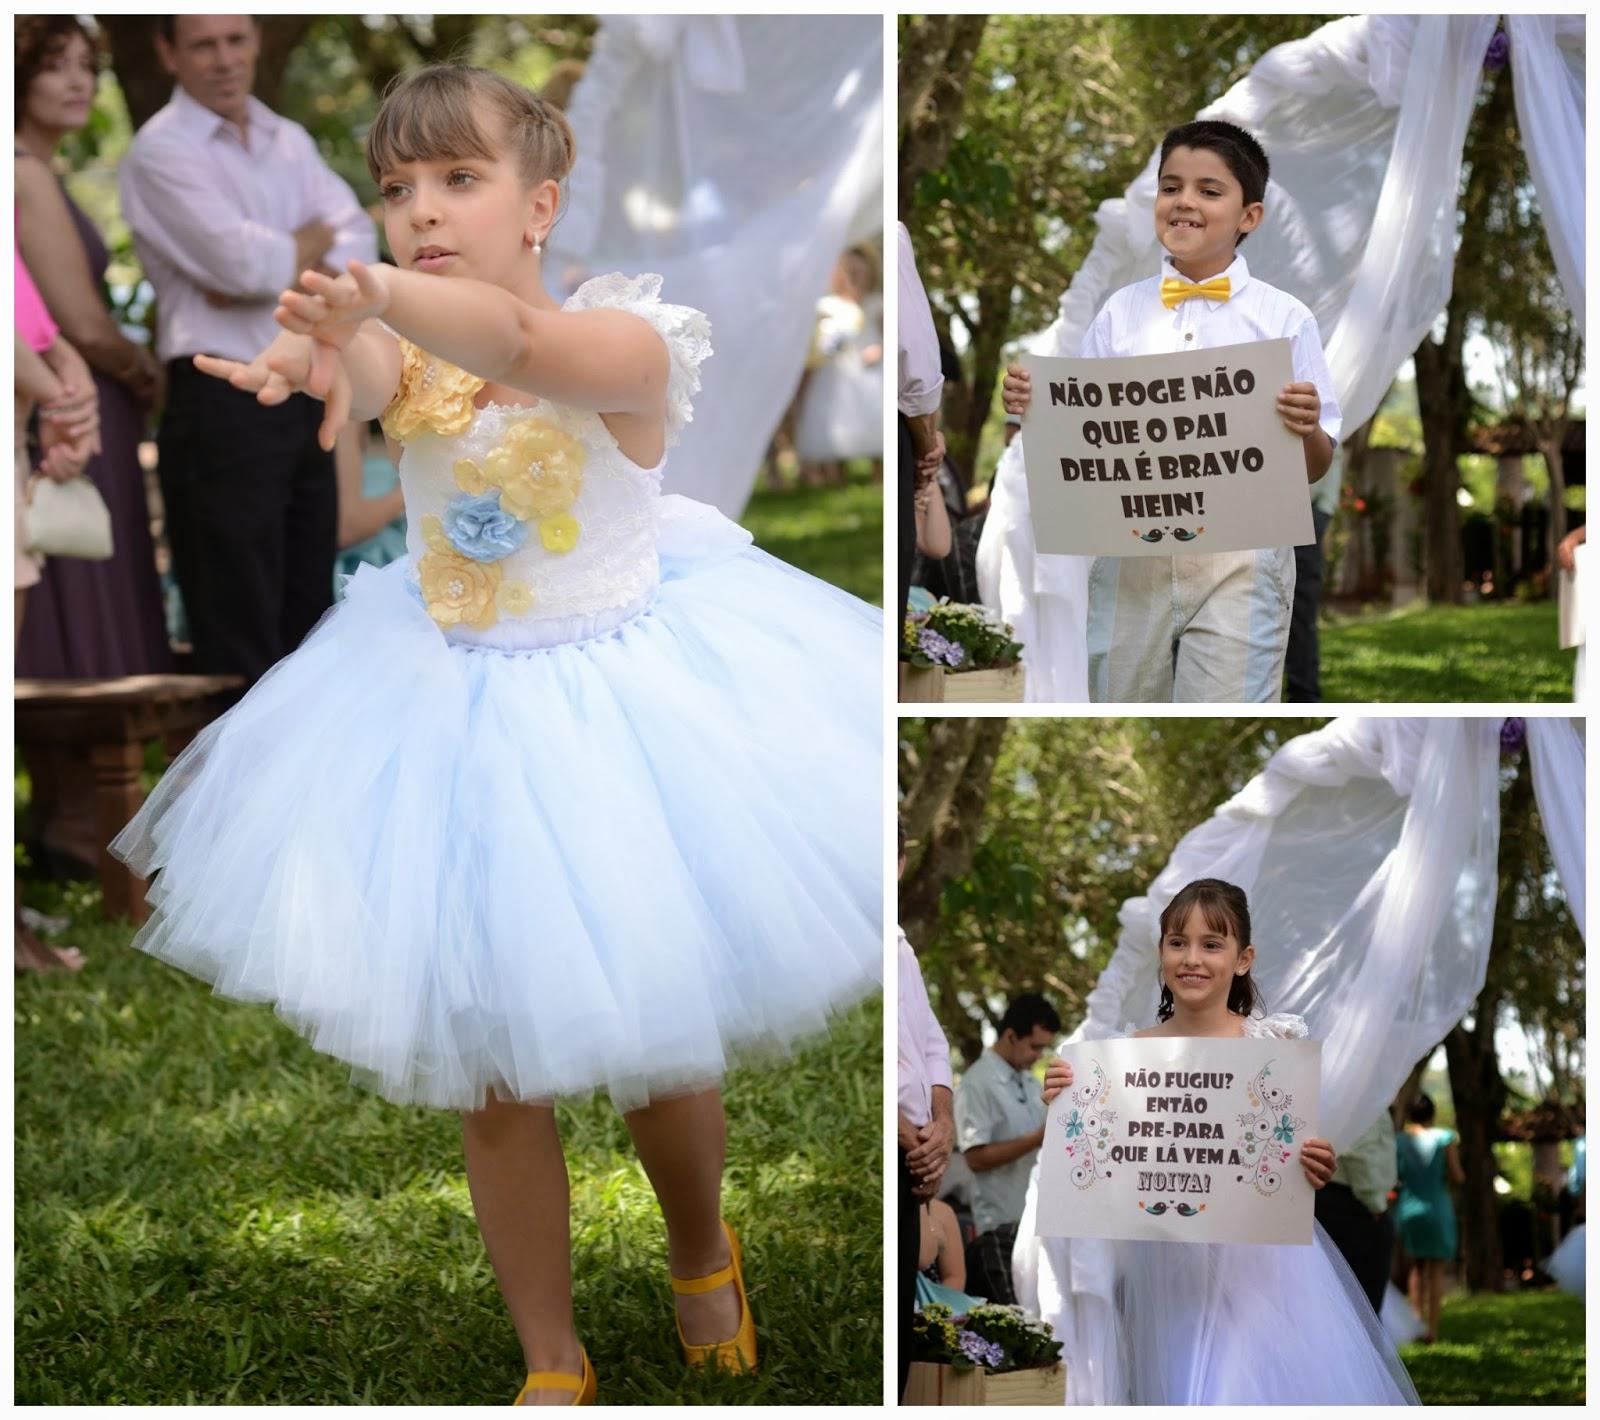 cerimonia-entrada-noiva-plaquinhas-casamento-dia-azul-amarelo-1